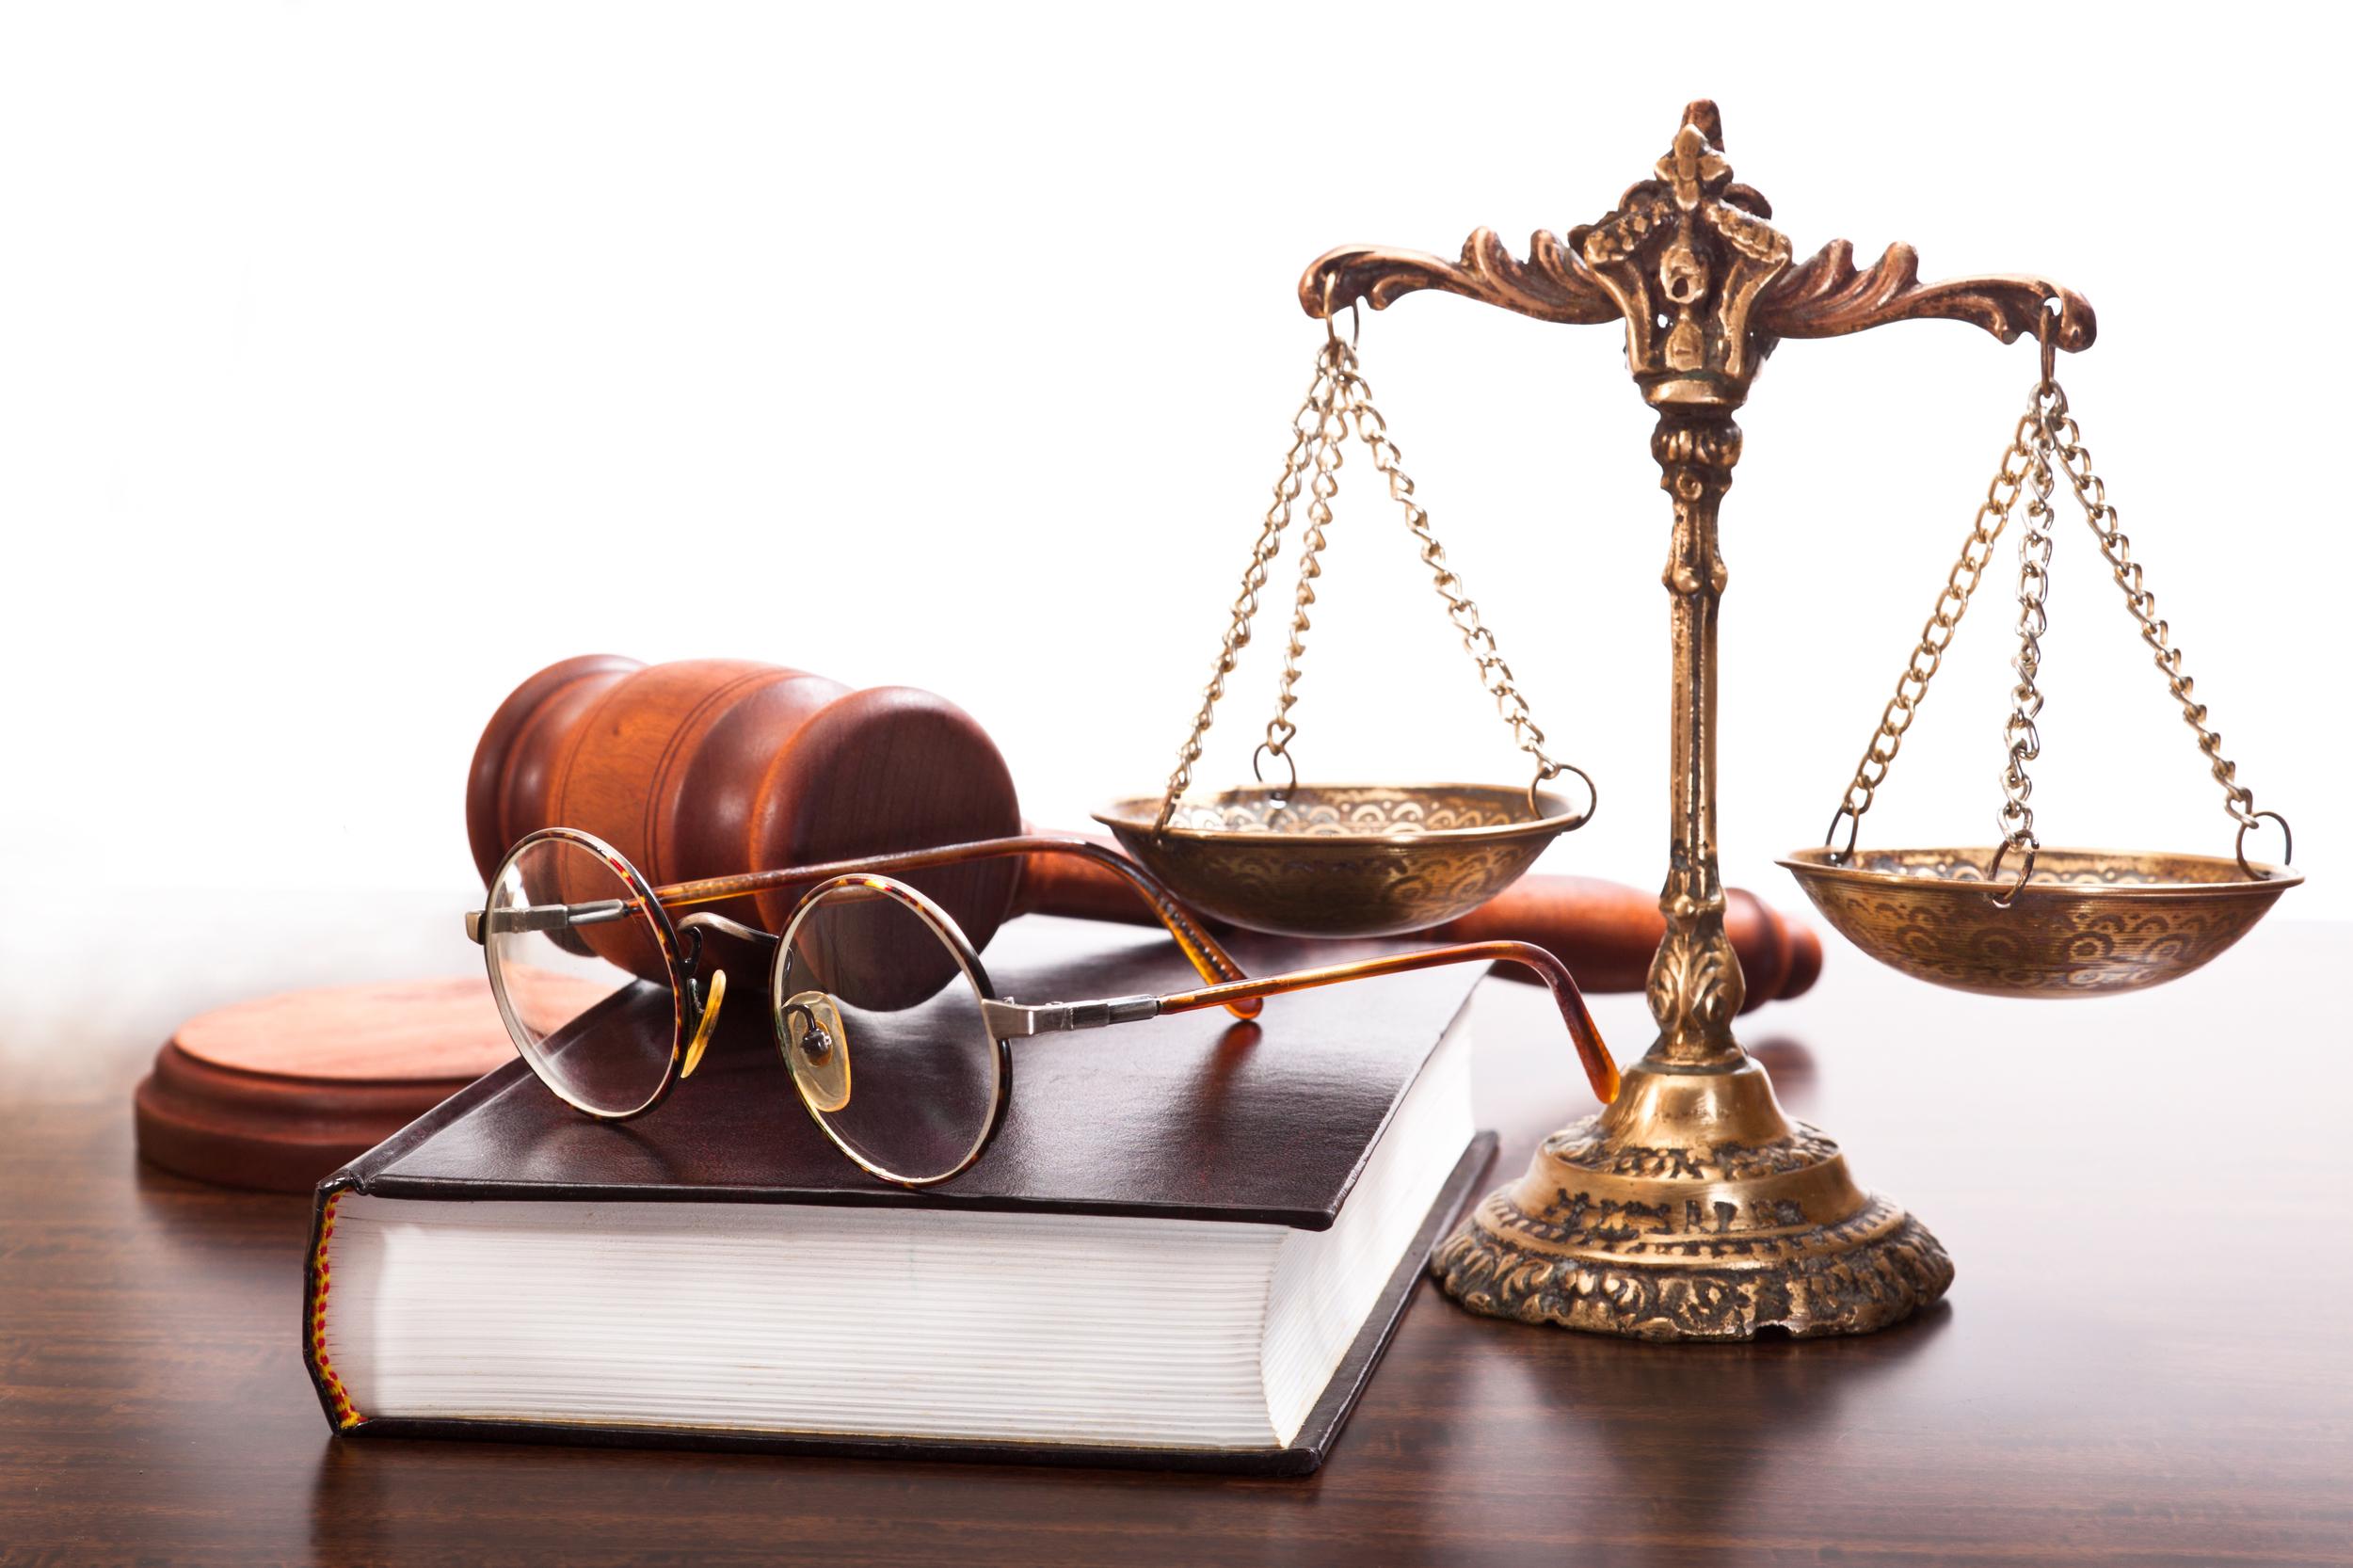 бизнес идеи юридические консультации